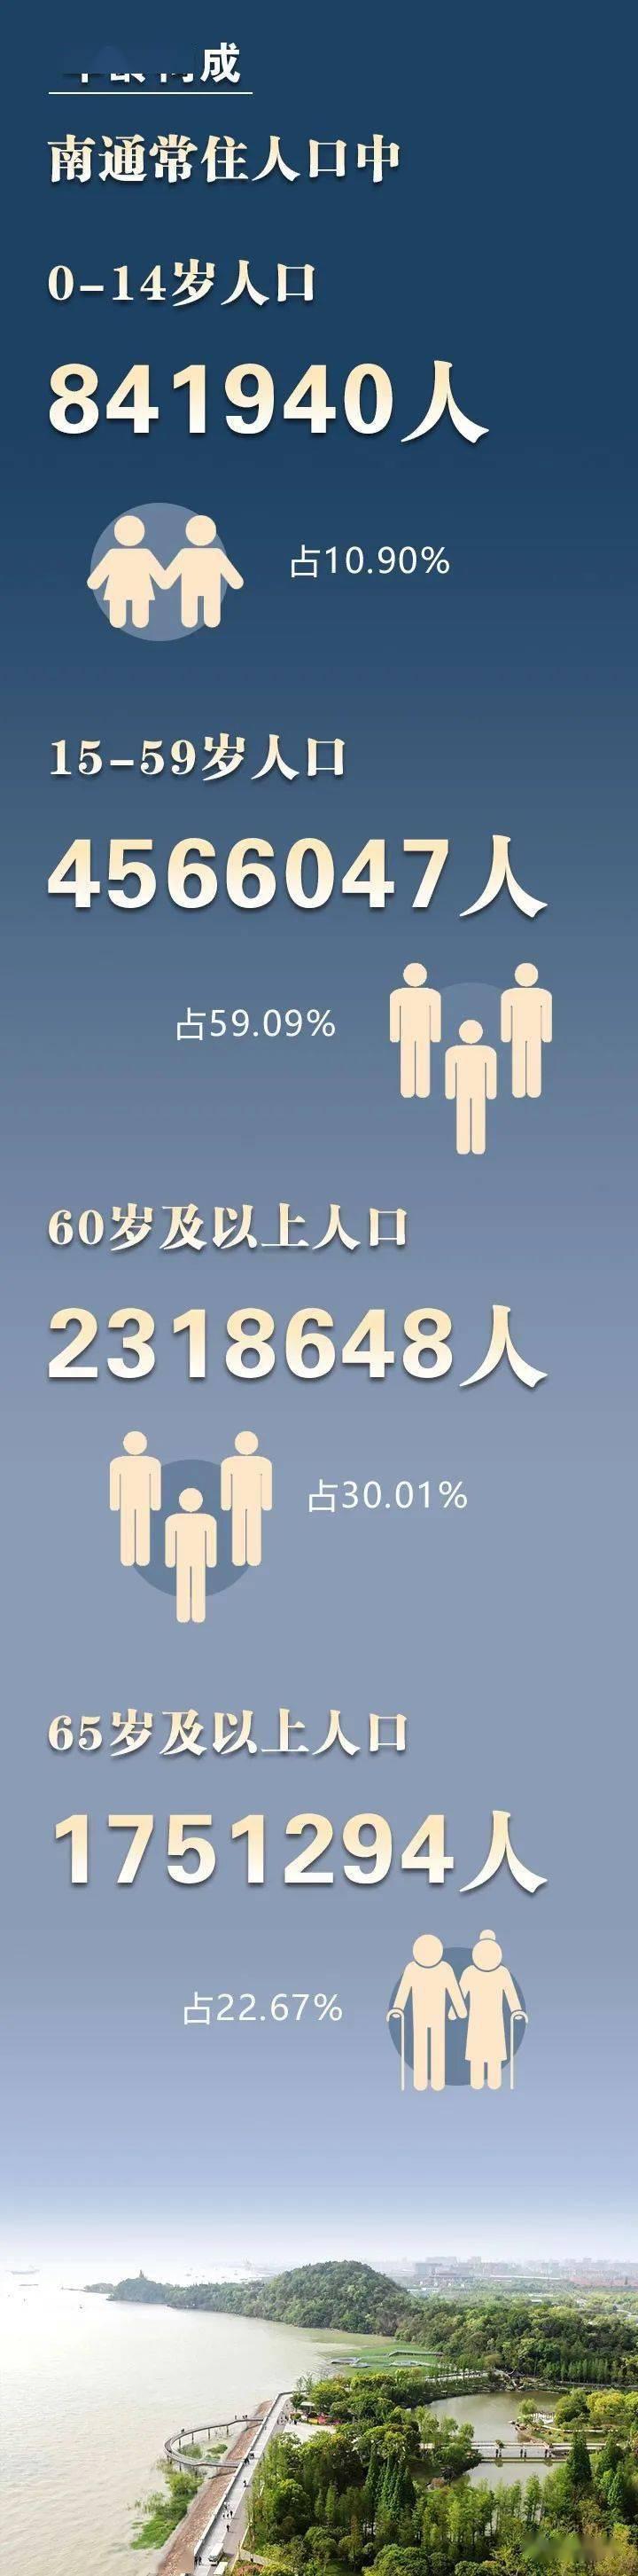 南通人口大变化!海安人口87.43万人!